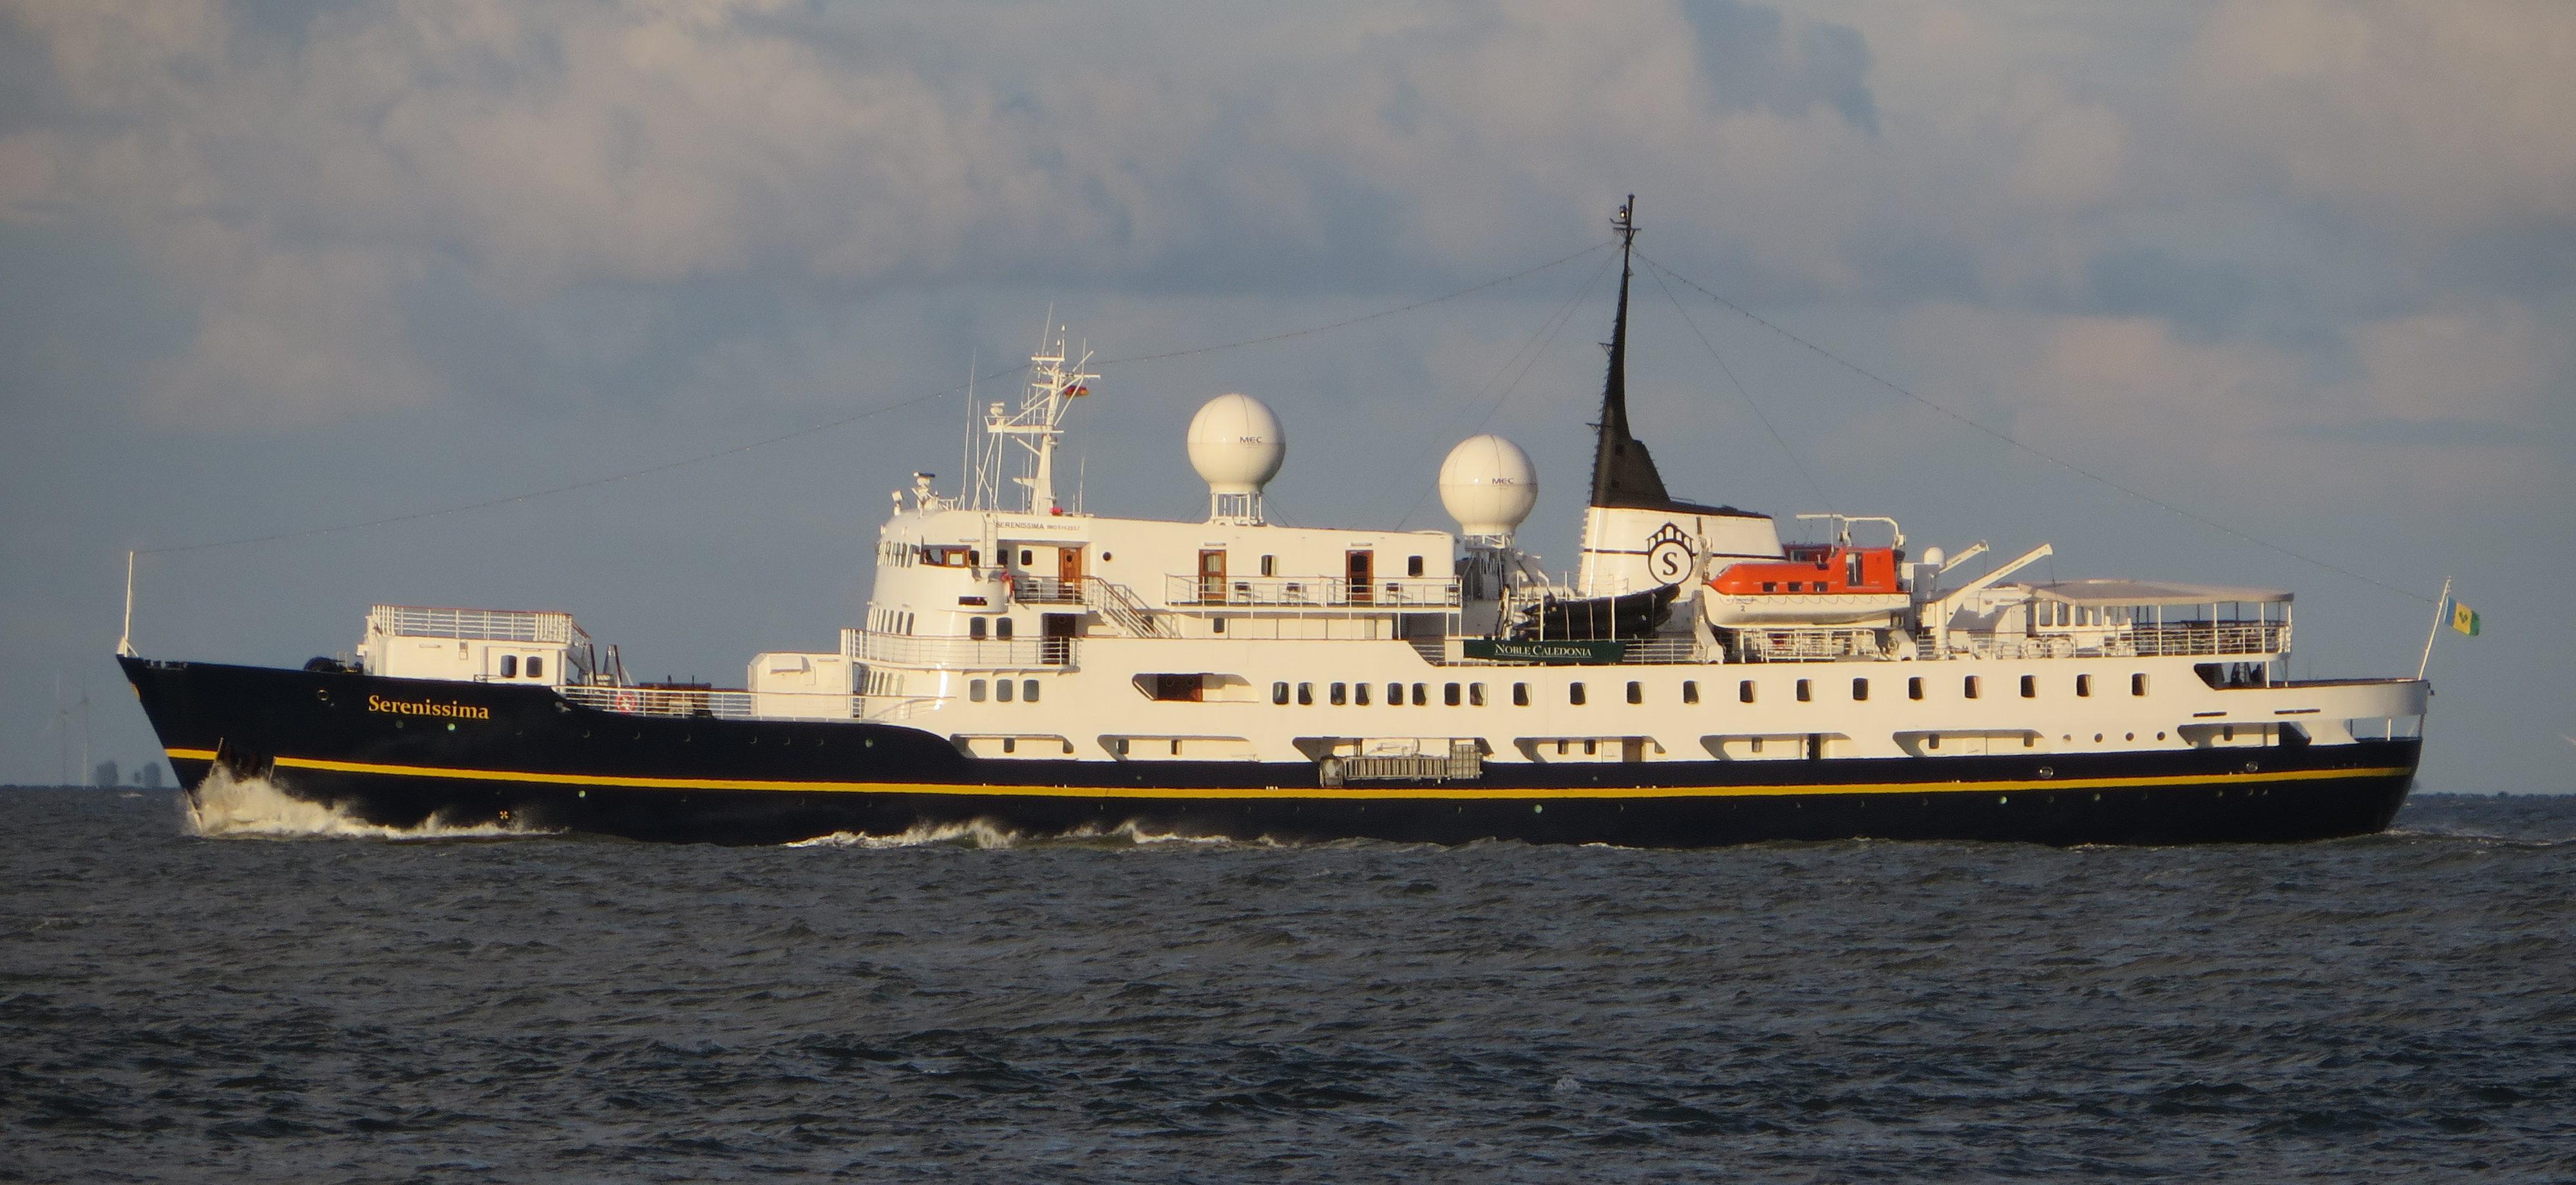 Bild Schiffsradar Ostsee